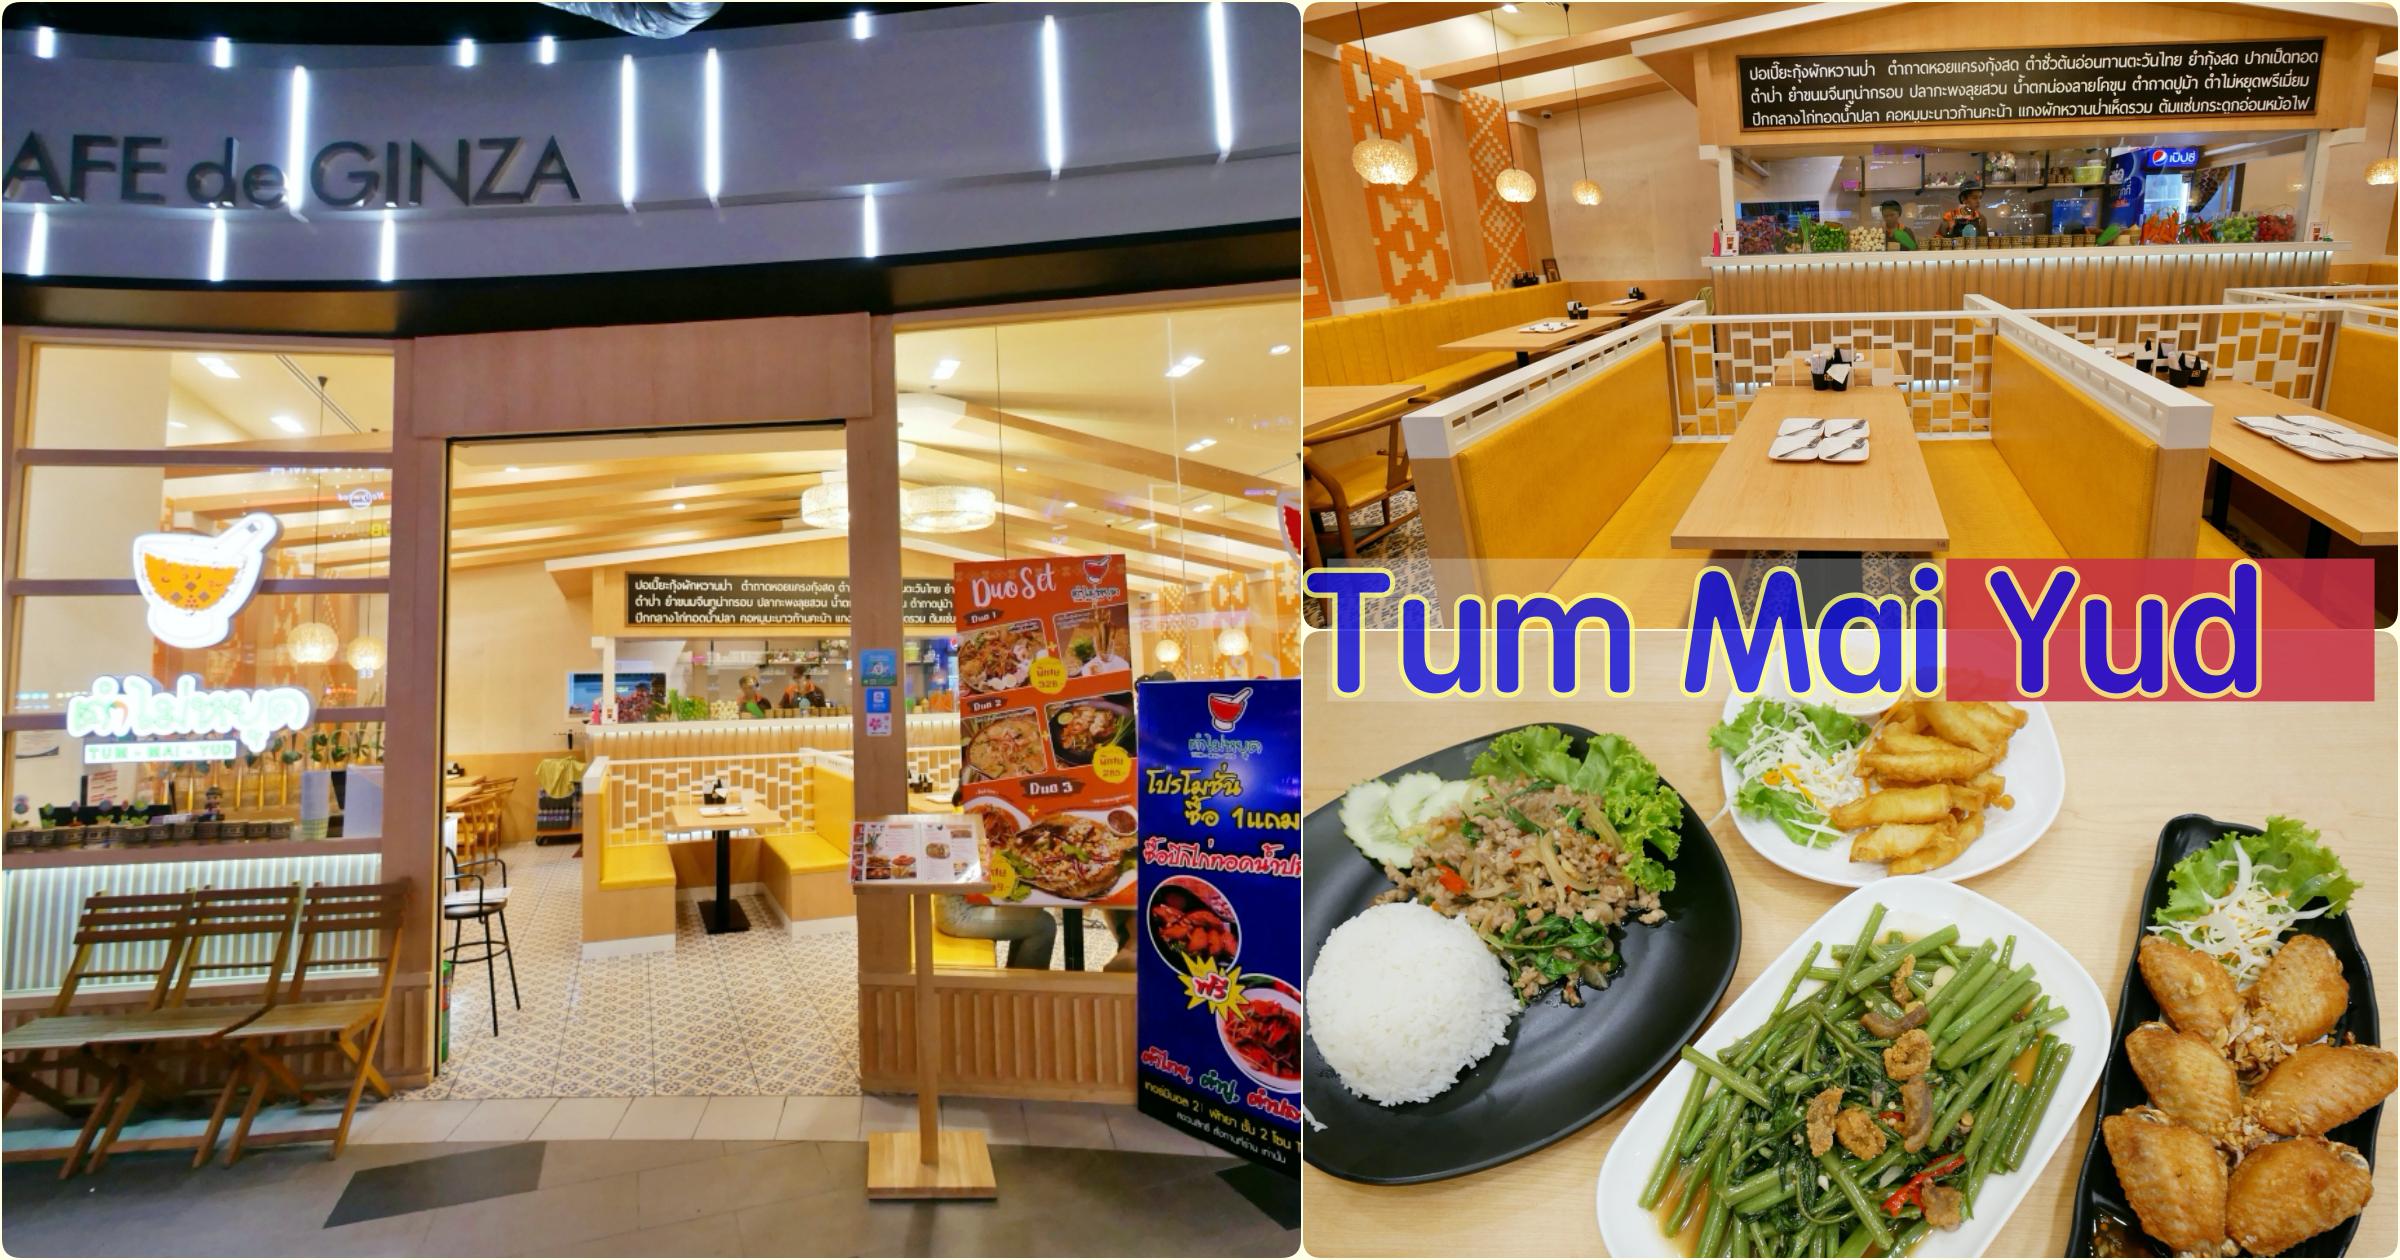 [芭達雅美食]Tum Mai Yud|Terminal21 Pattaya 2樓日本街區~每道料理百銖左右的平價泰式美食